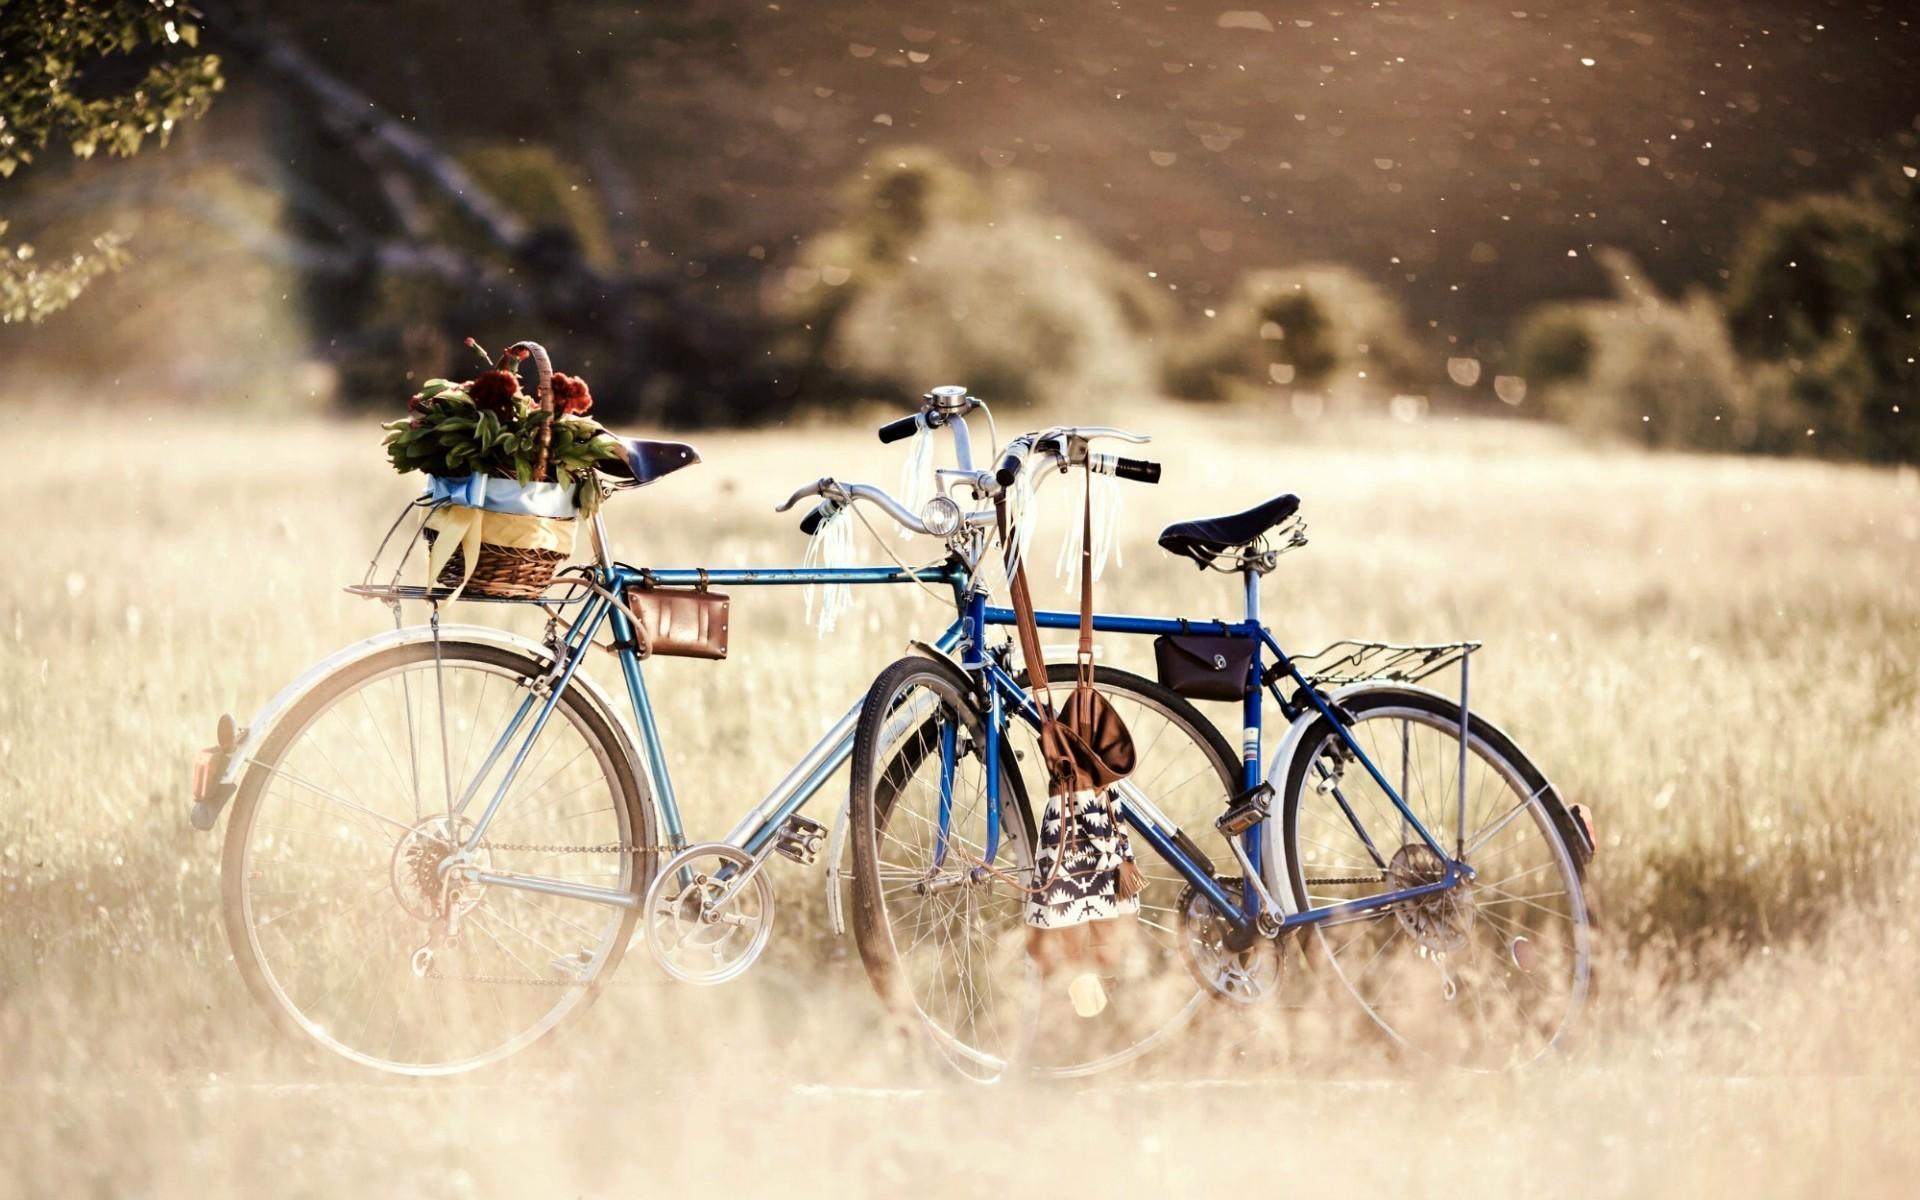 еще картинка два велосипеда ты, придурок, стоял